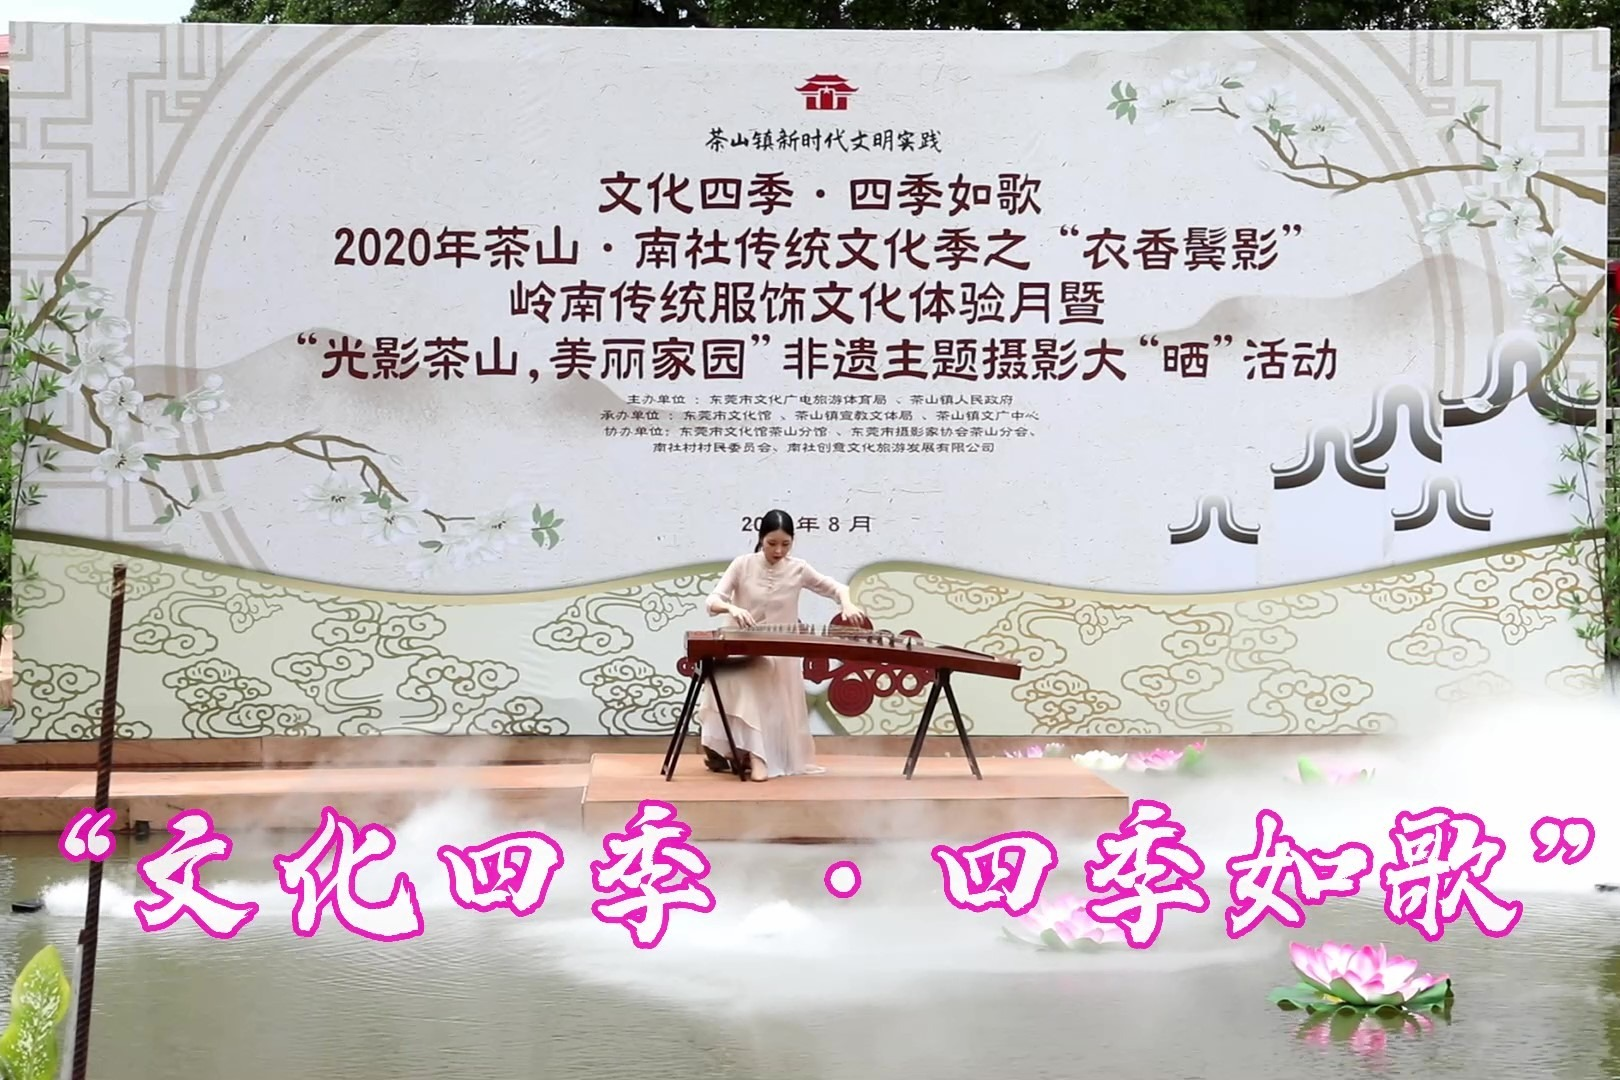 茶山|文化四季 四季如歌